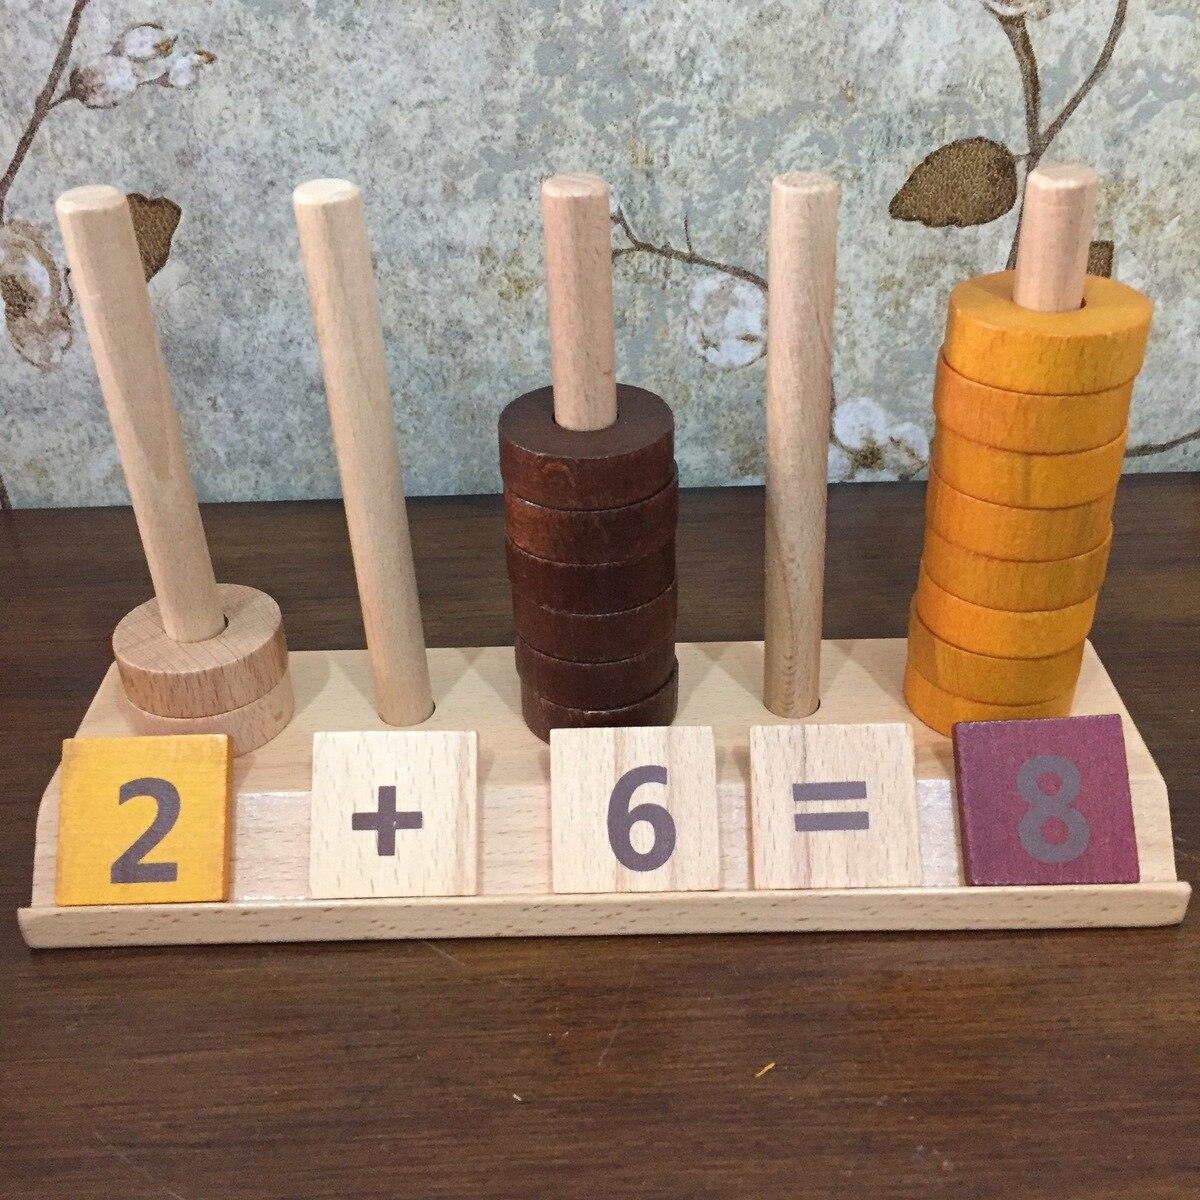 Montessori Wooden Math Oyuncak Toys For Children Preschool Learning Educational Game